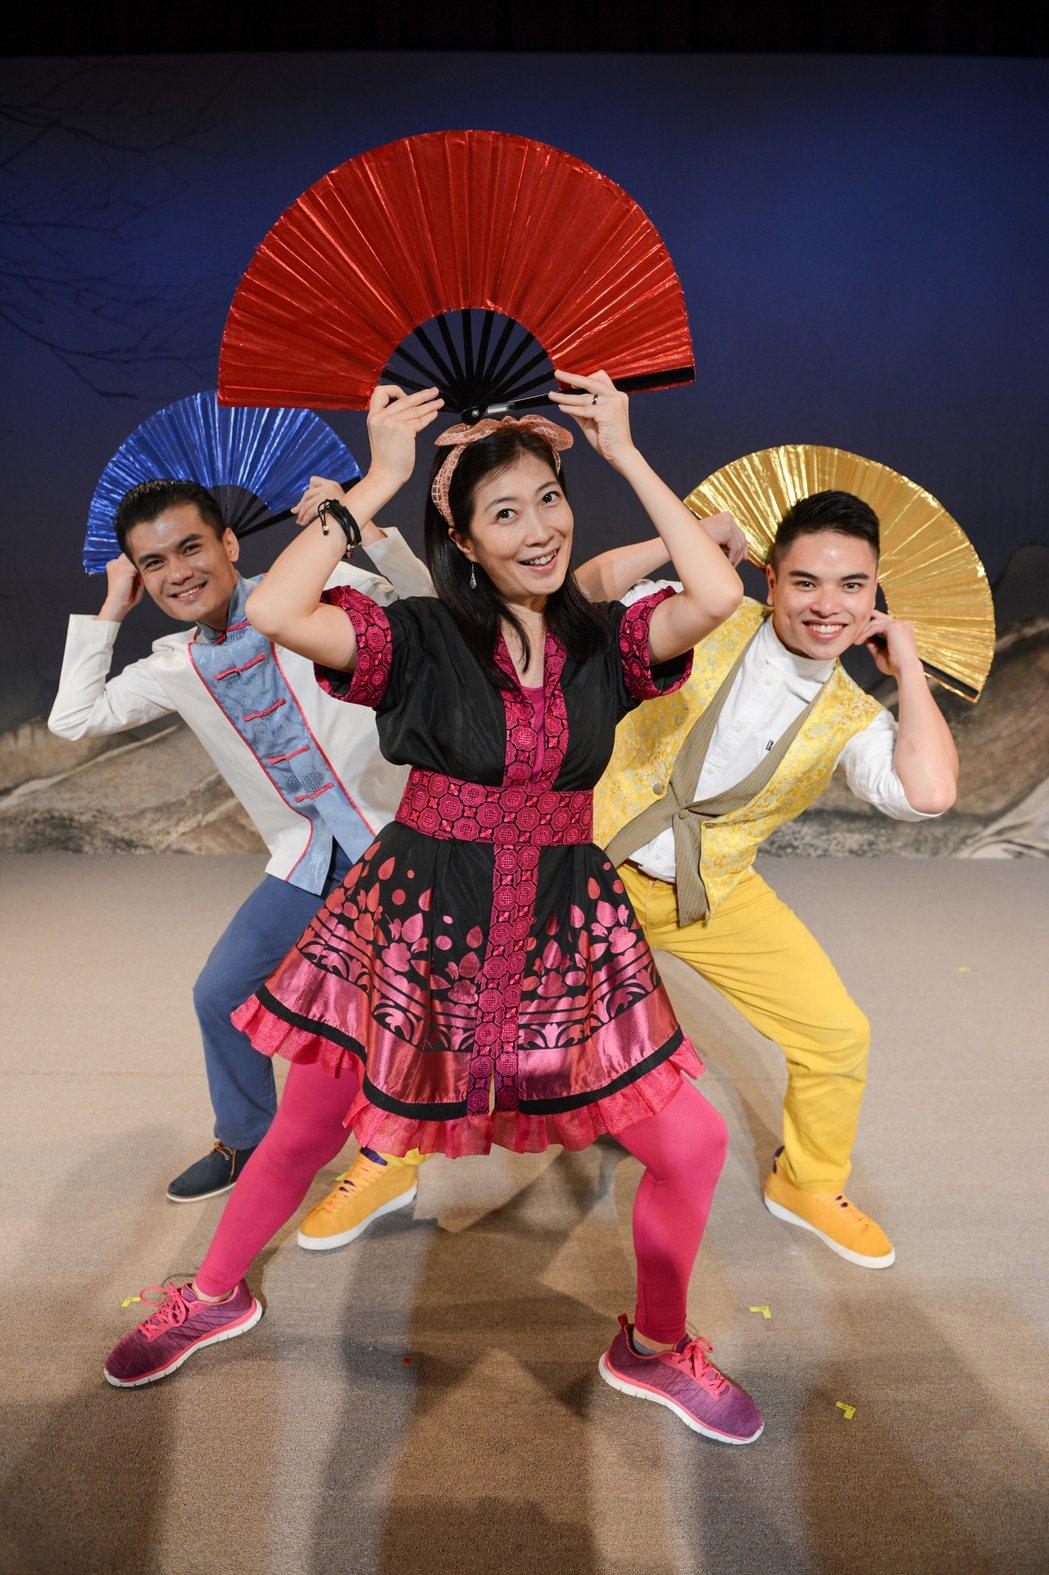 《3個諸葛亮》舞台劇由編導黃致凱,藉由改編「嫦娥奔月」、「牛郎織女」、「梁祝」、